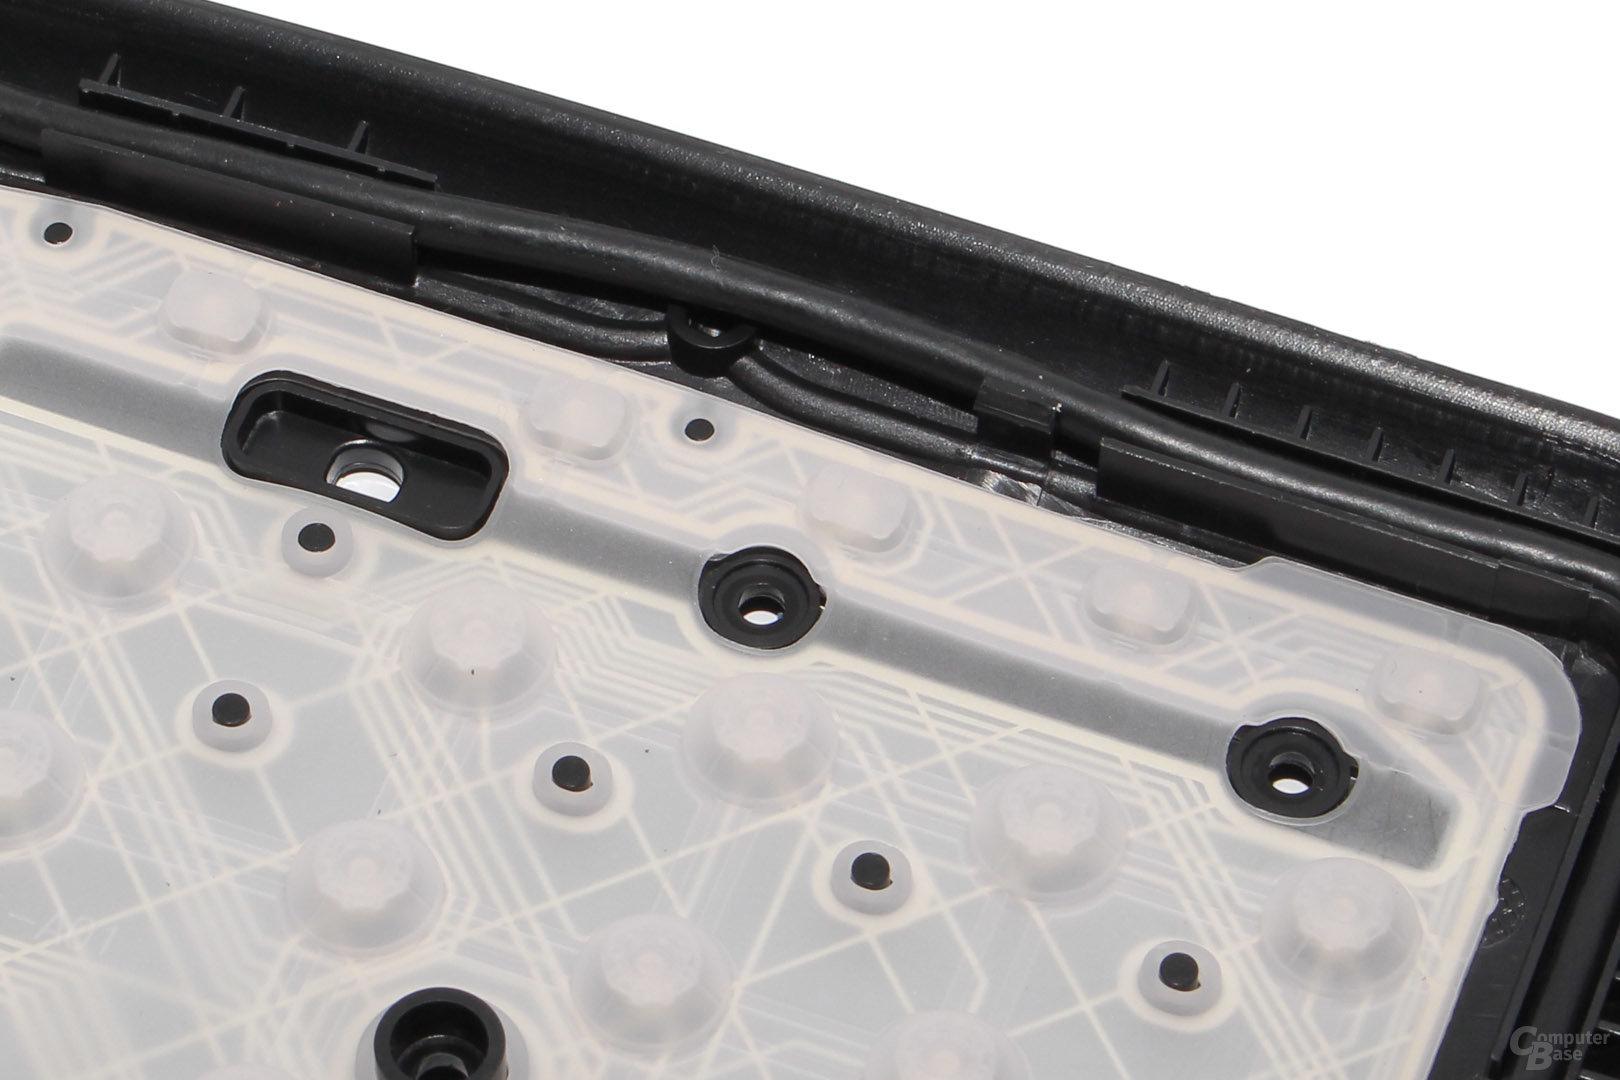 Zusatztasten sind zumeist mit kleineren Rubberdomes bestückt (MS Wired Keyboard 600)